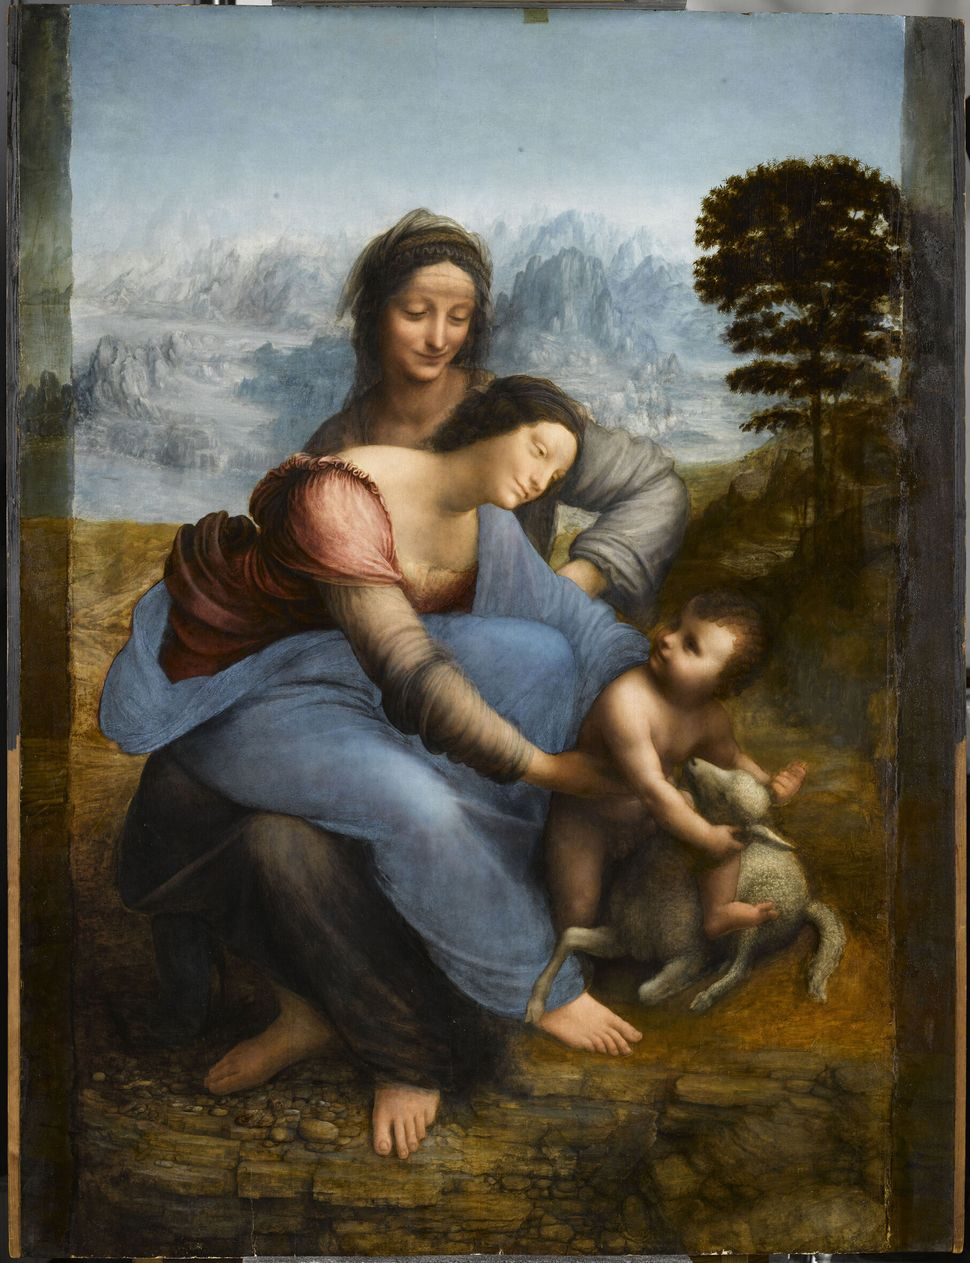 Léonard de Vinci, Sainte Anne, la Vierge et l'Enfant Jésus, dite La Sainte Anne